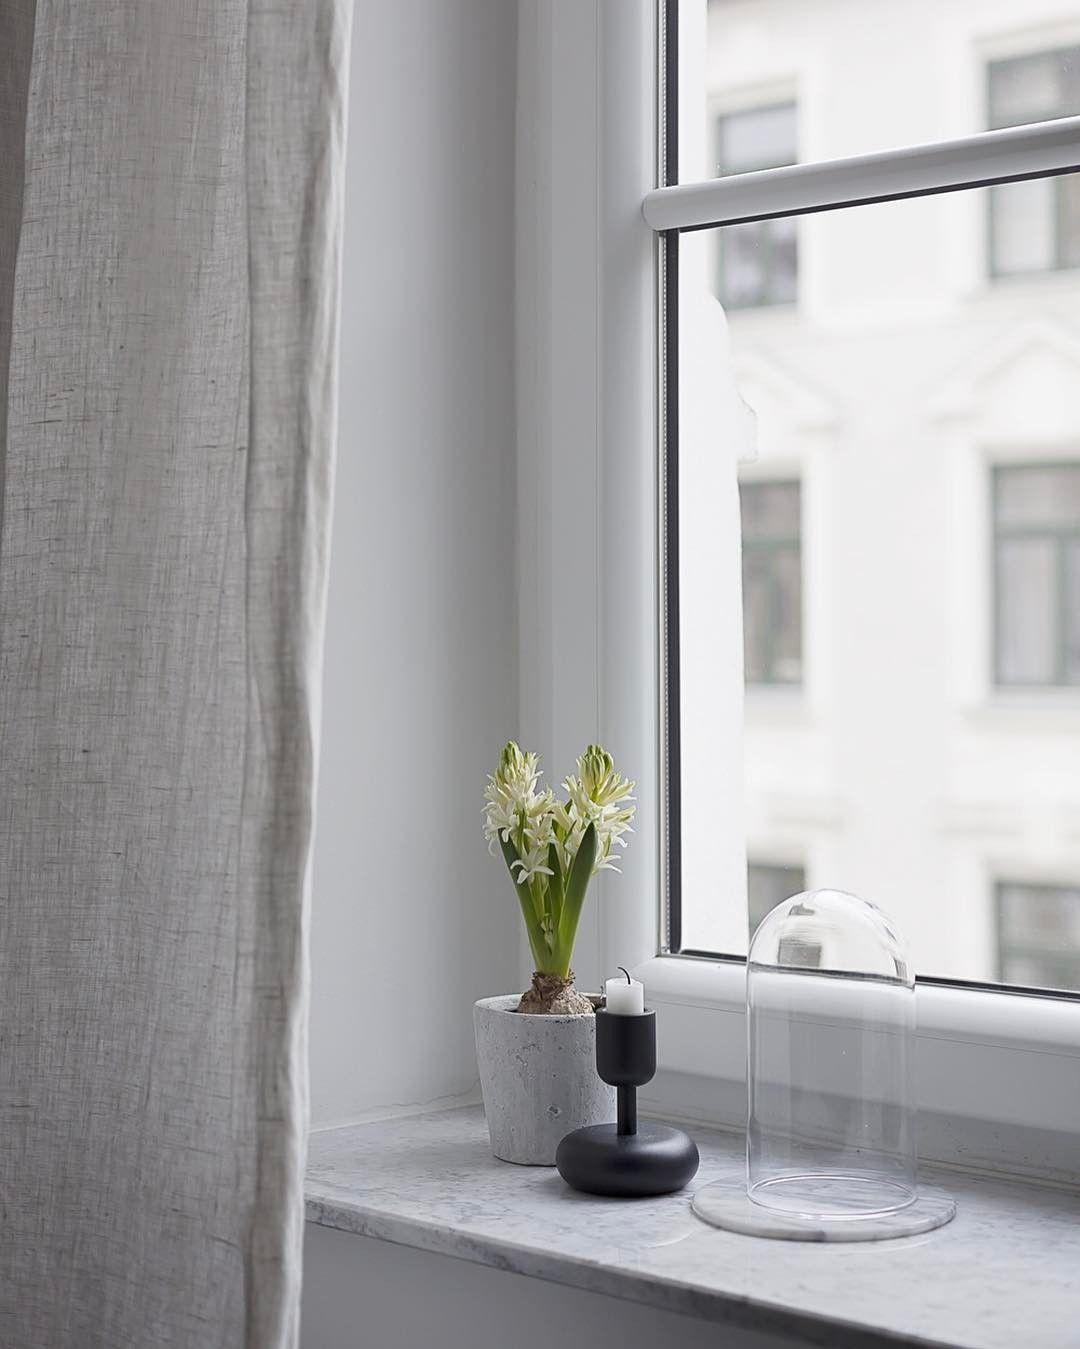 Fensterbank / Fensterbrett Deko   h o m e ⬆ W I N D O W ...